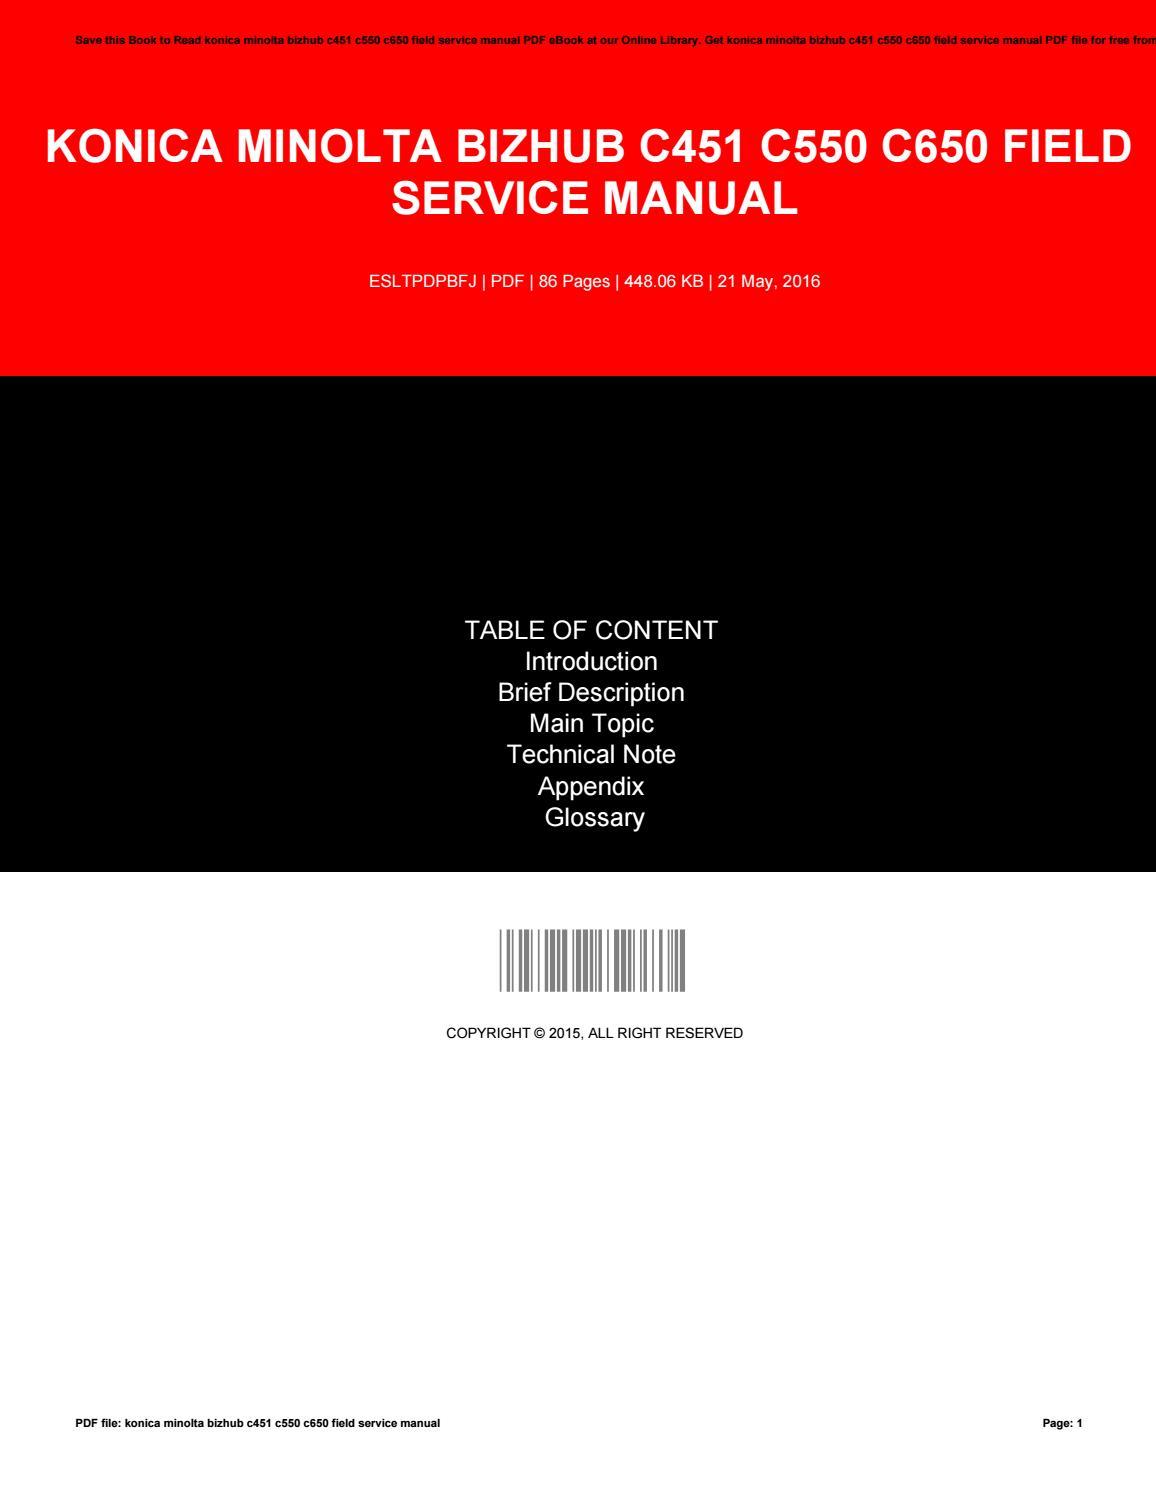 Konica minolta bizhub c451 c550 c650 field service manual by LeahJacobs3183  - issuu